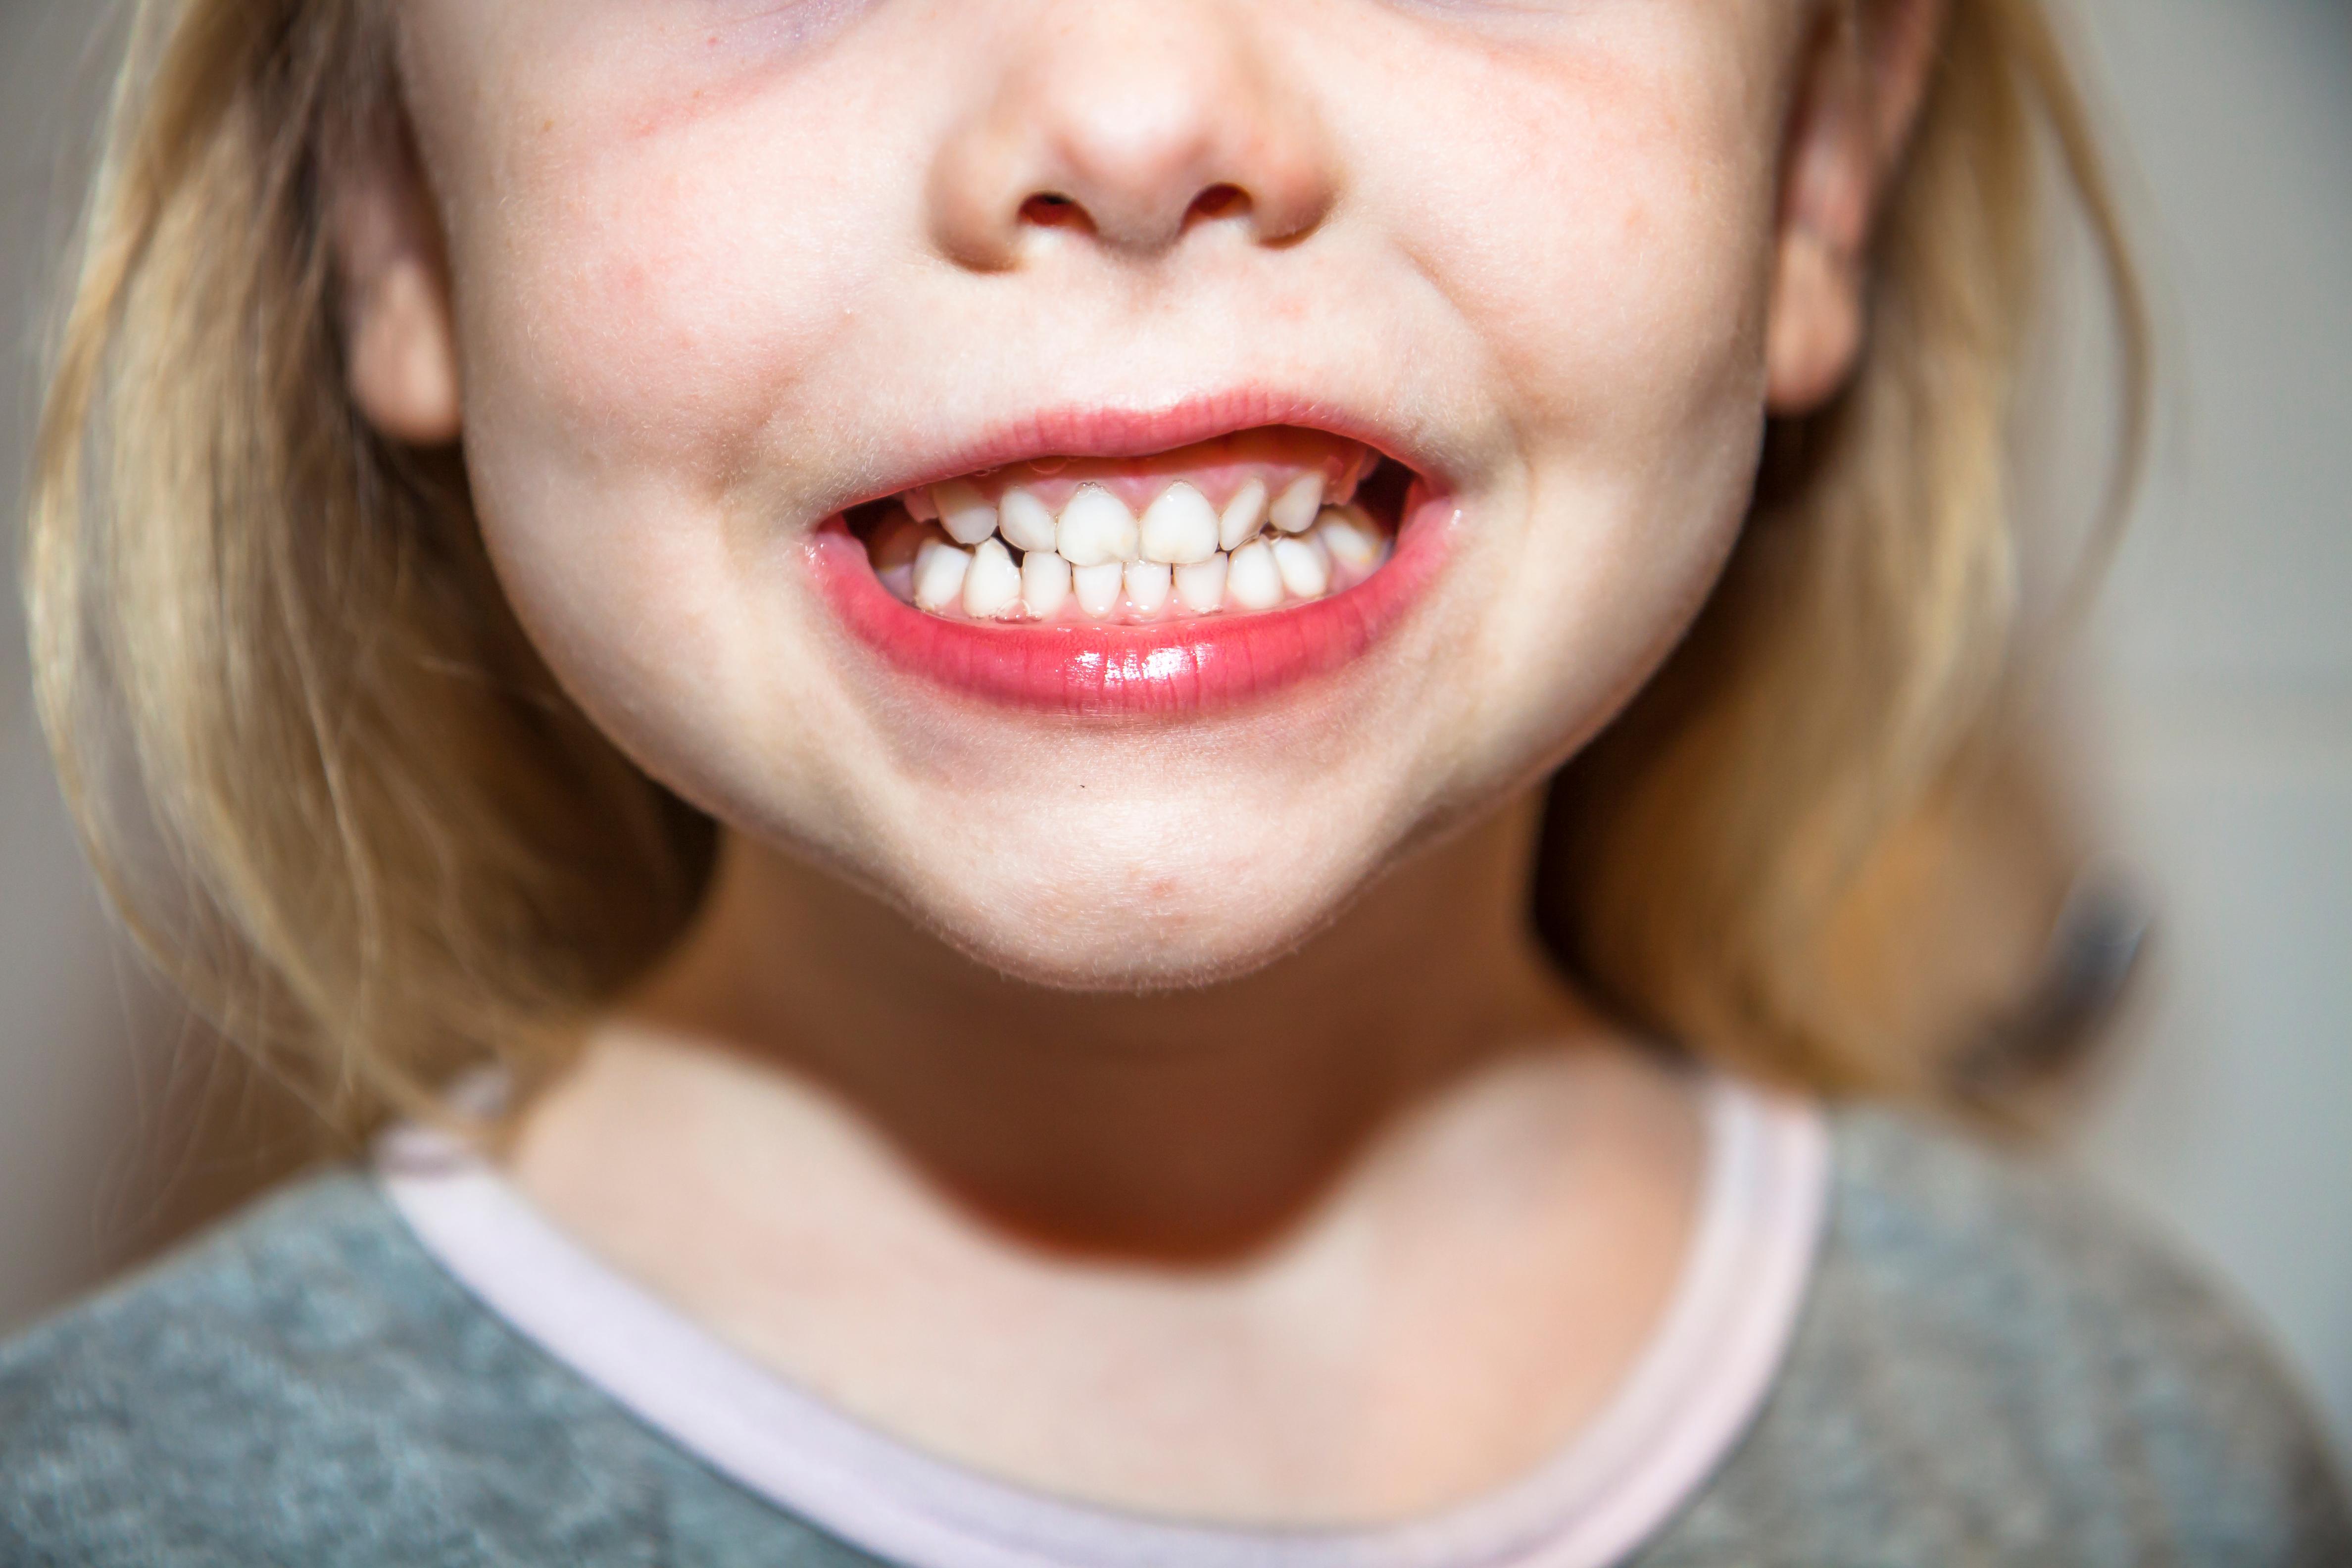 Förutom att karies ökar så ser man också att av tandhälsan förvärras hos de 30 procent av alla barn som redan har sämst tandhälsa.